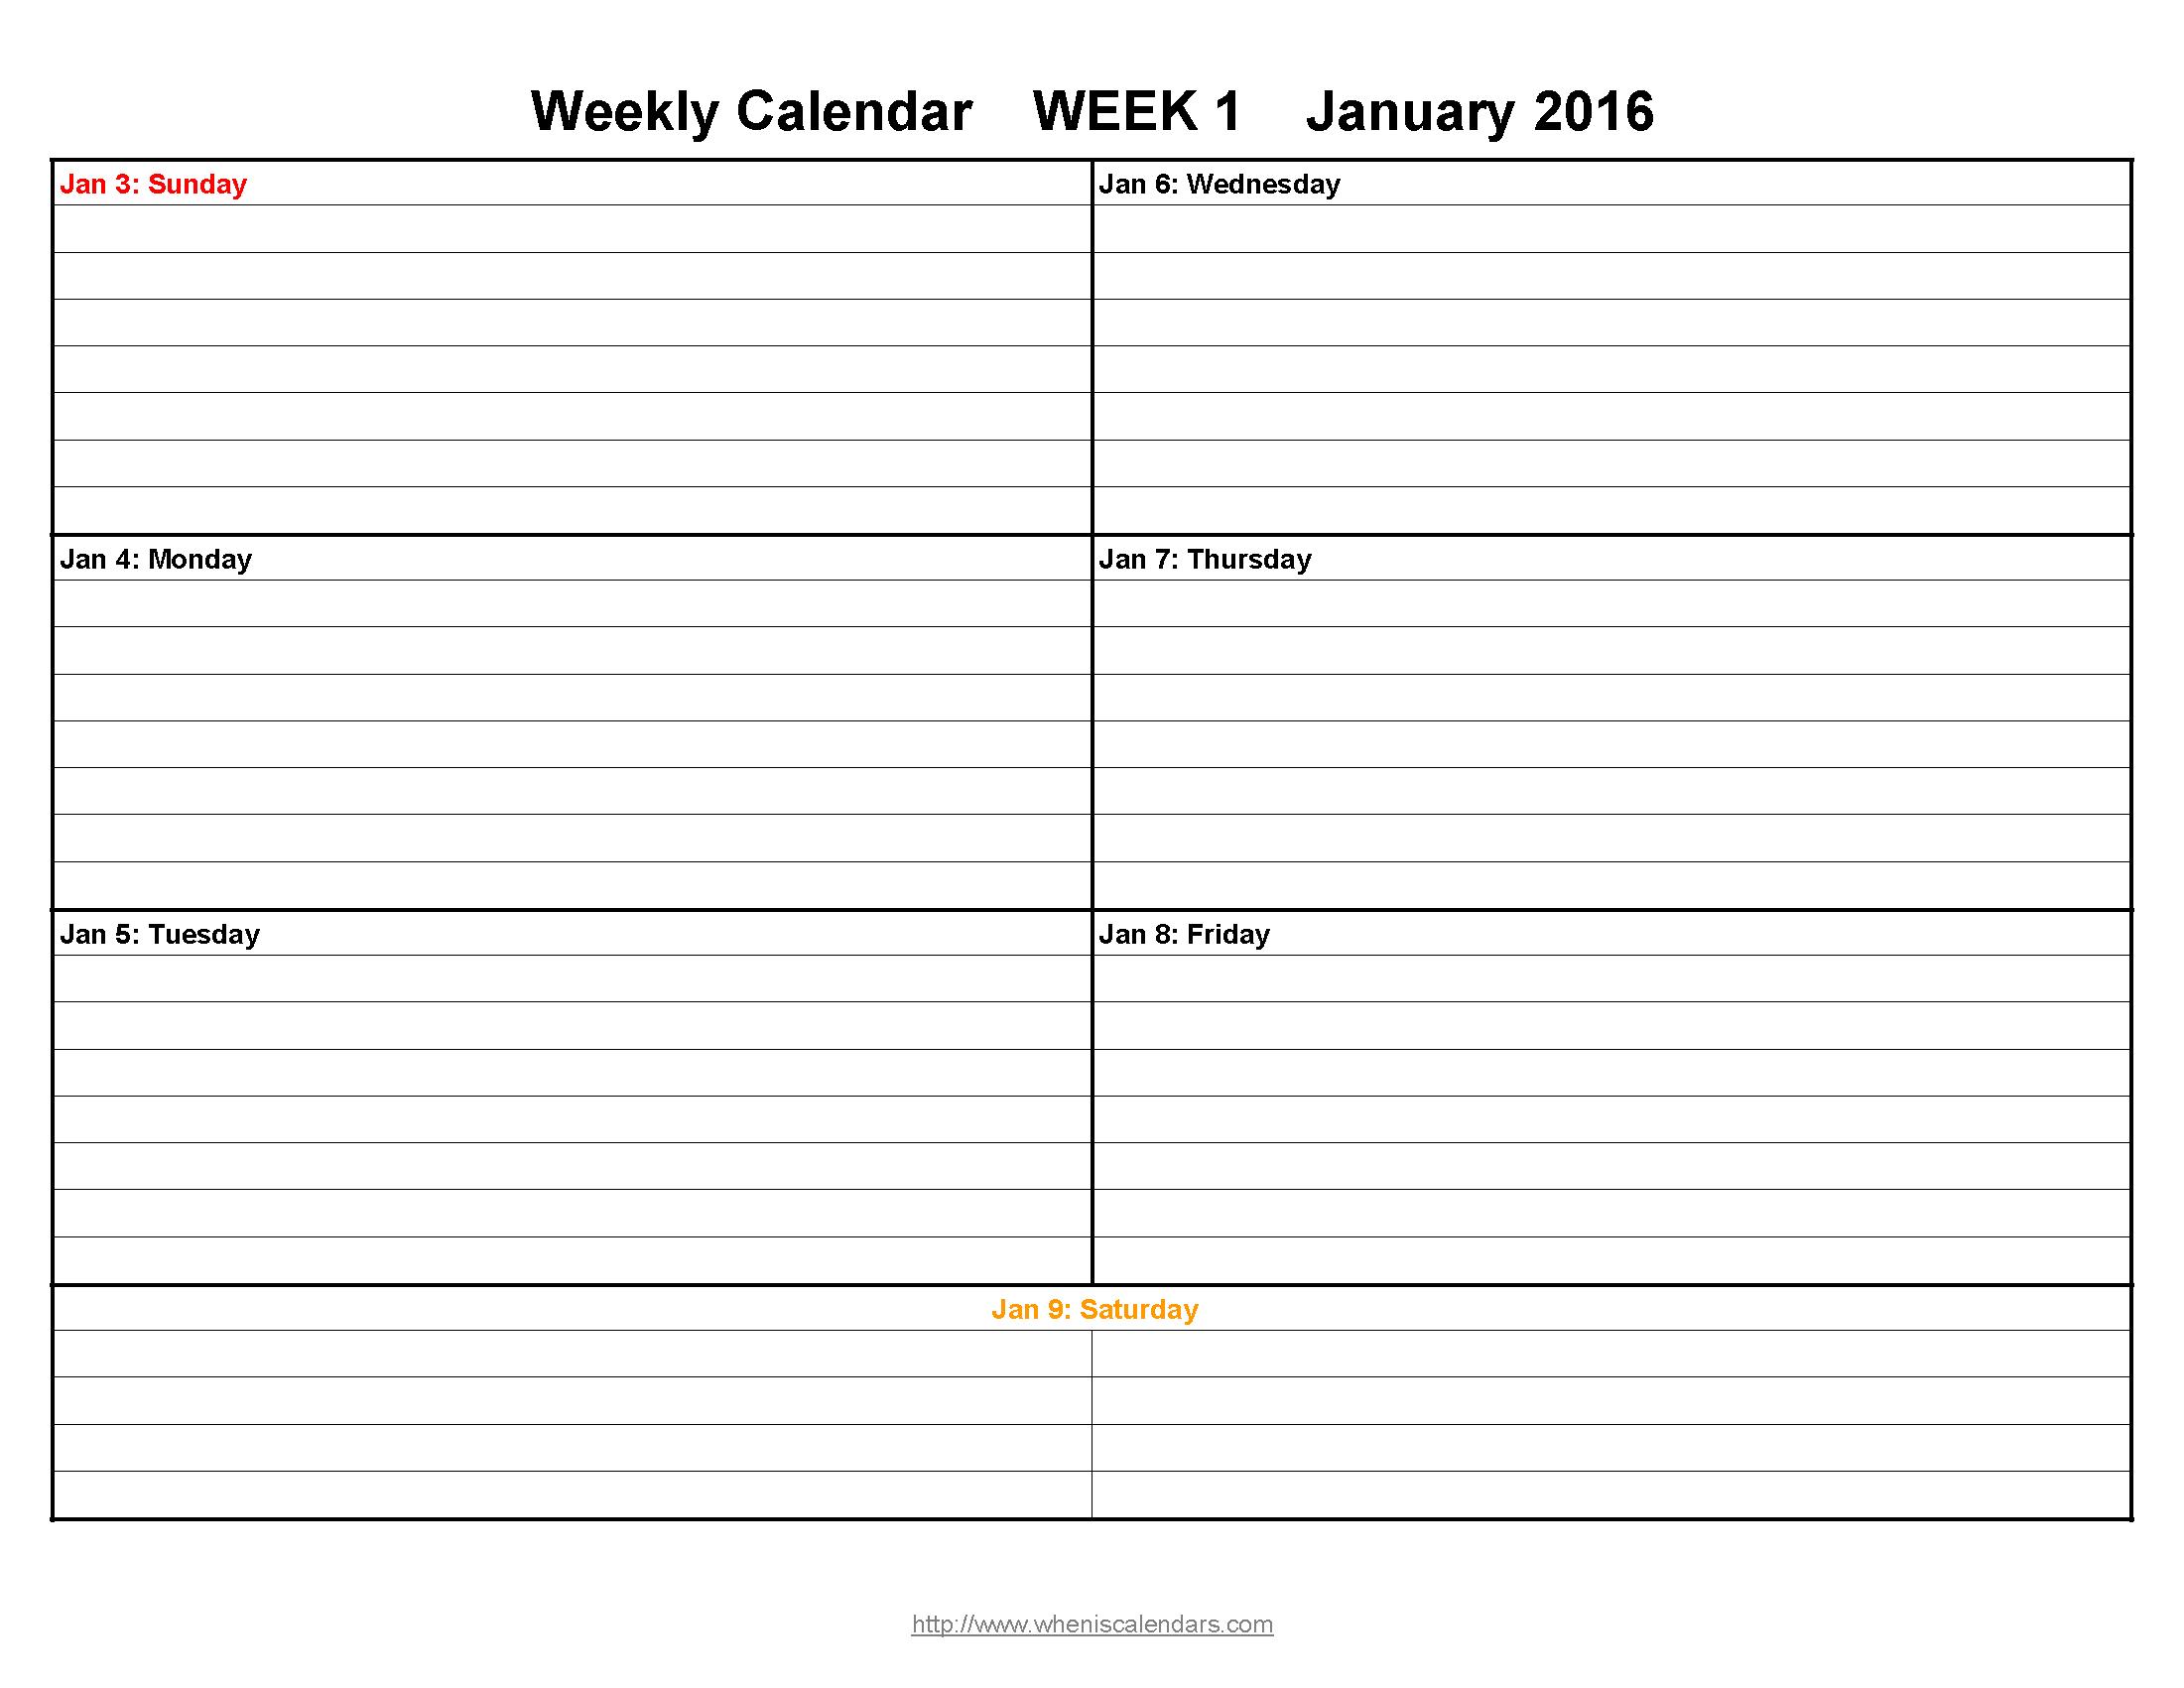 Free Printable Weekly Calendars 2016   Aaron The Artist - Free Printable Pocket Planner 2016